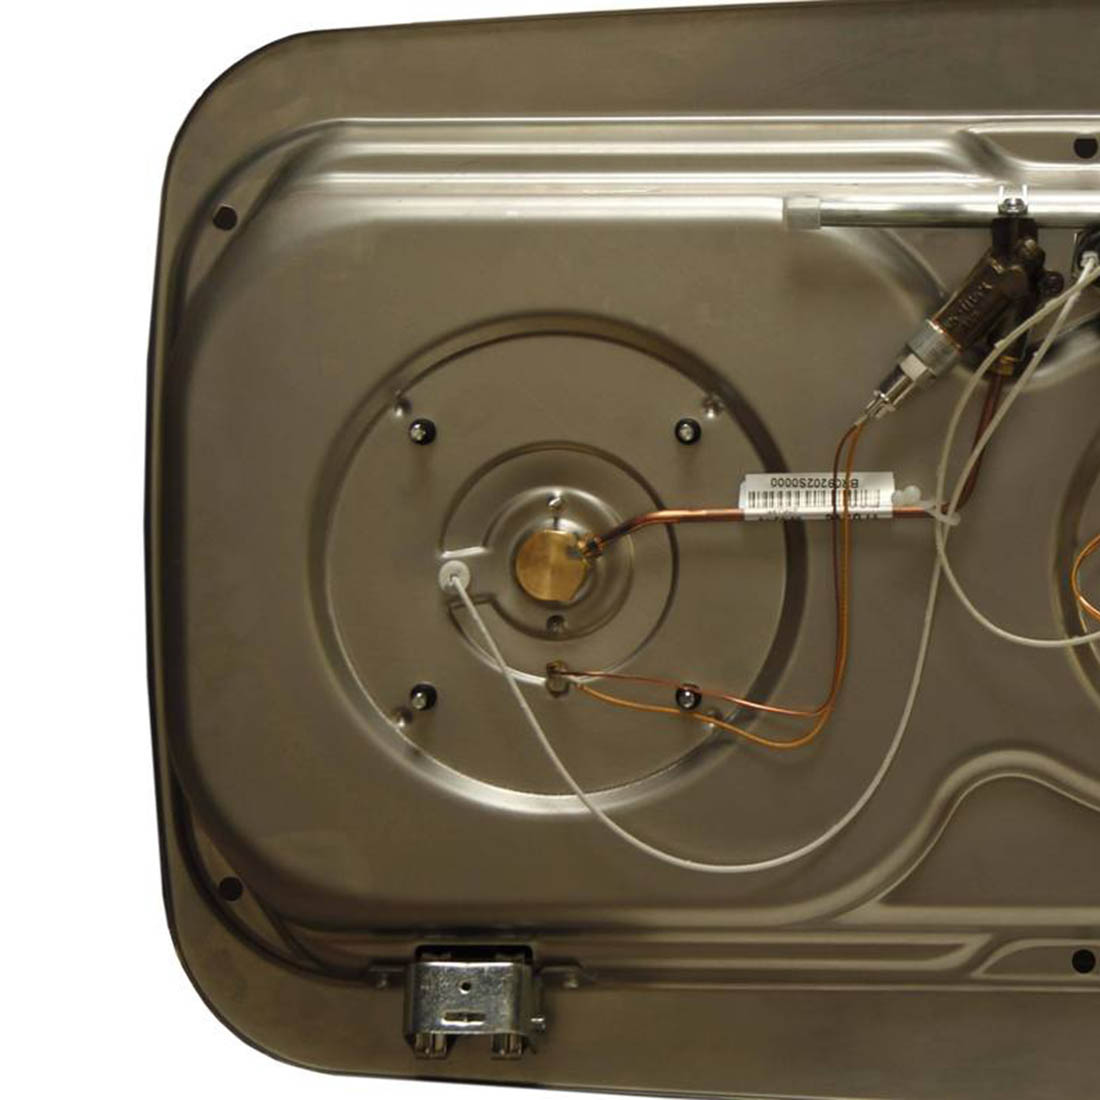 Van kitchen cooker bottom.